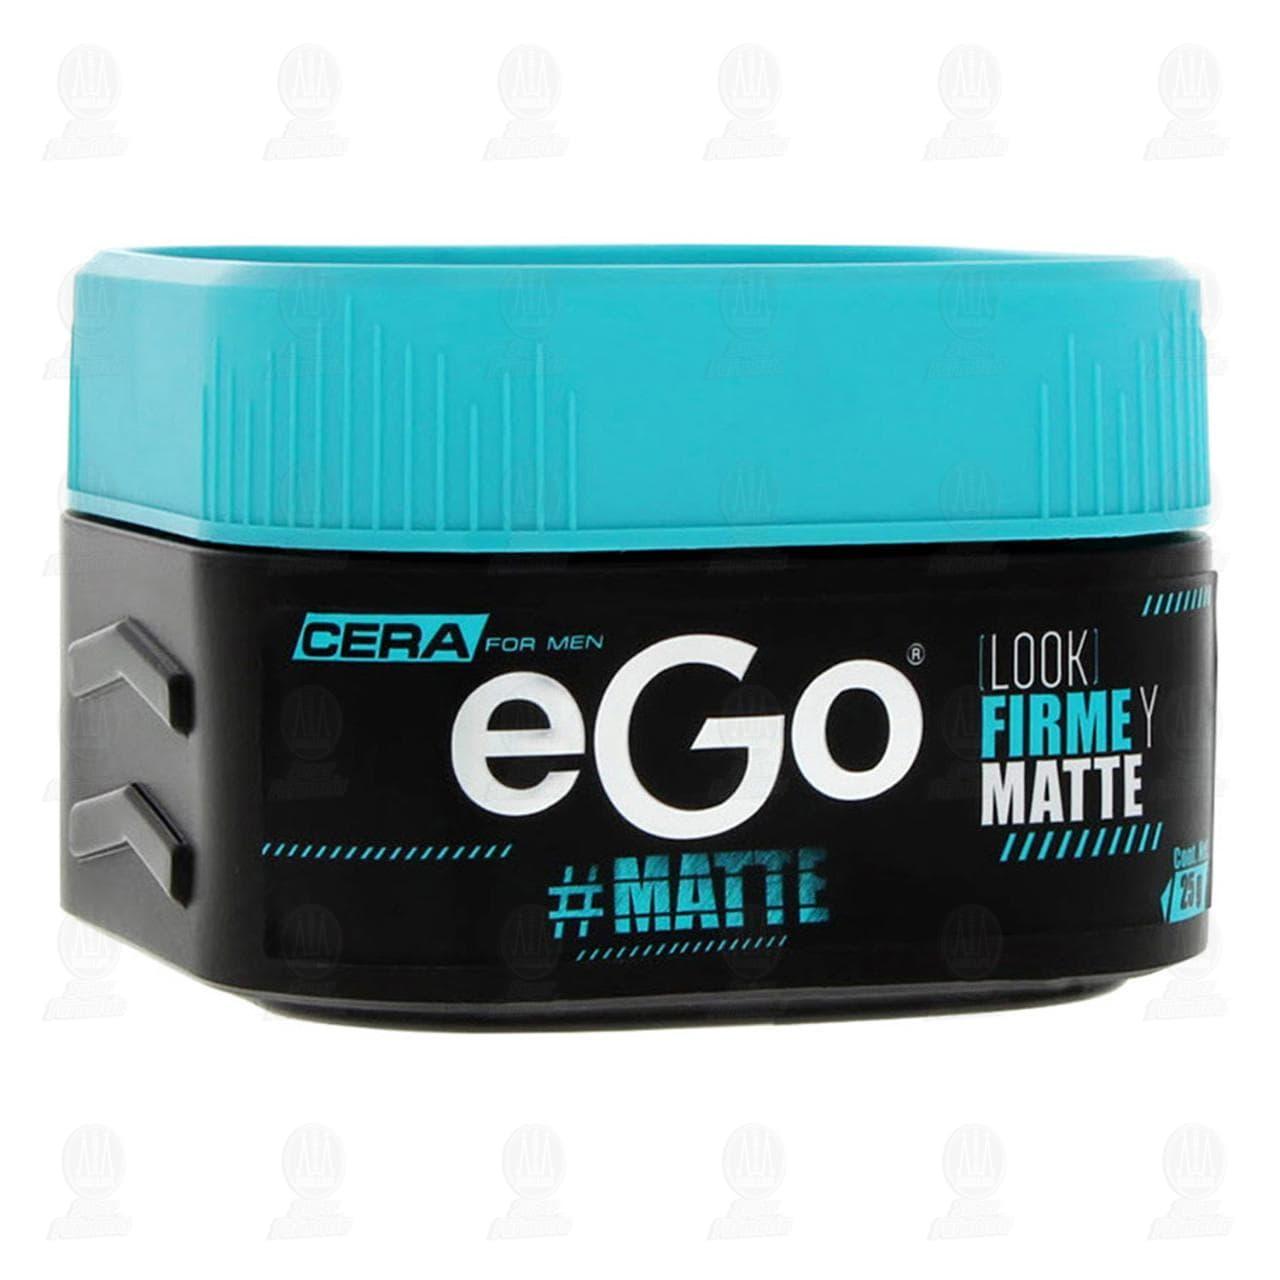 Comprar Cera para Cabello Ego Efecto Matte, 25 gr. en Farmacias Guadalajara